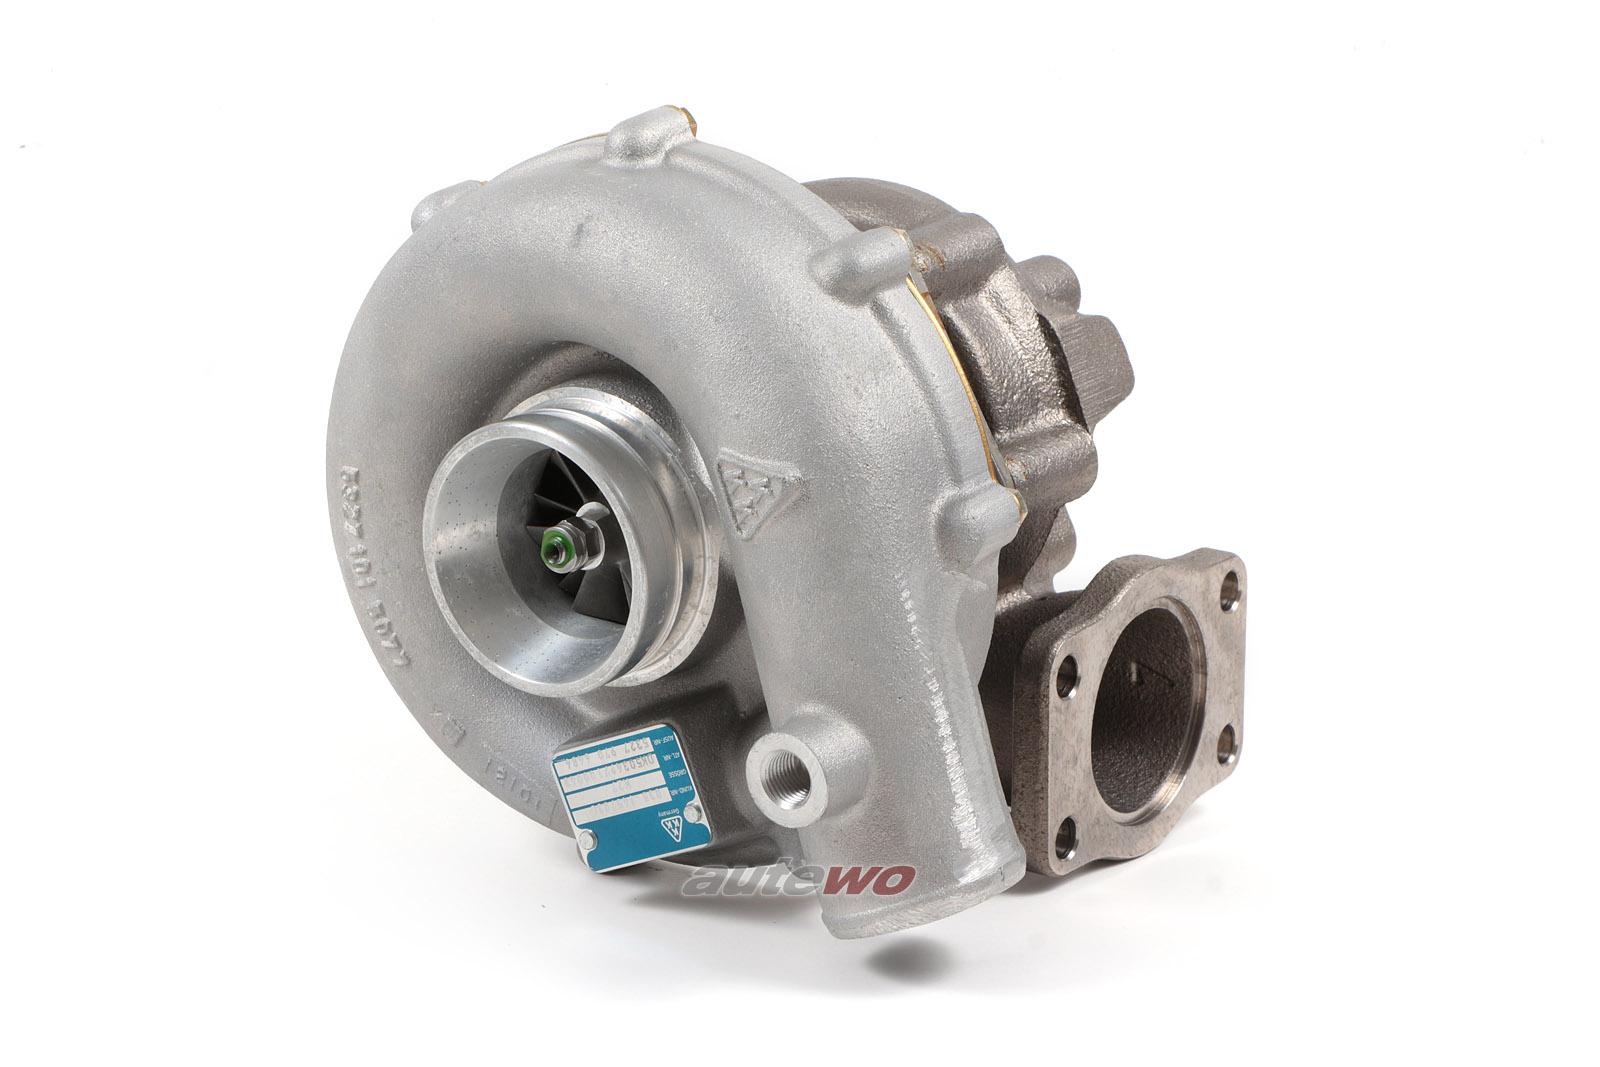 035145703G NEU Audi Sportquattro 2.2l 5 Zylinder 20V Turbo Original Turbolader